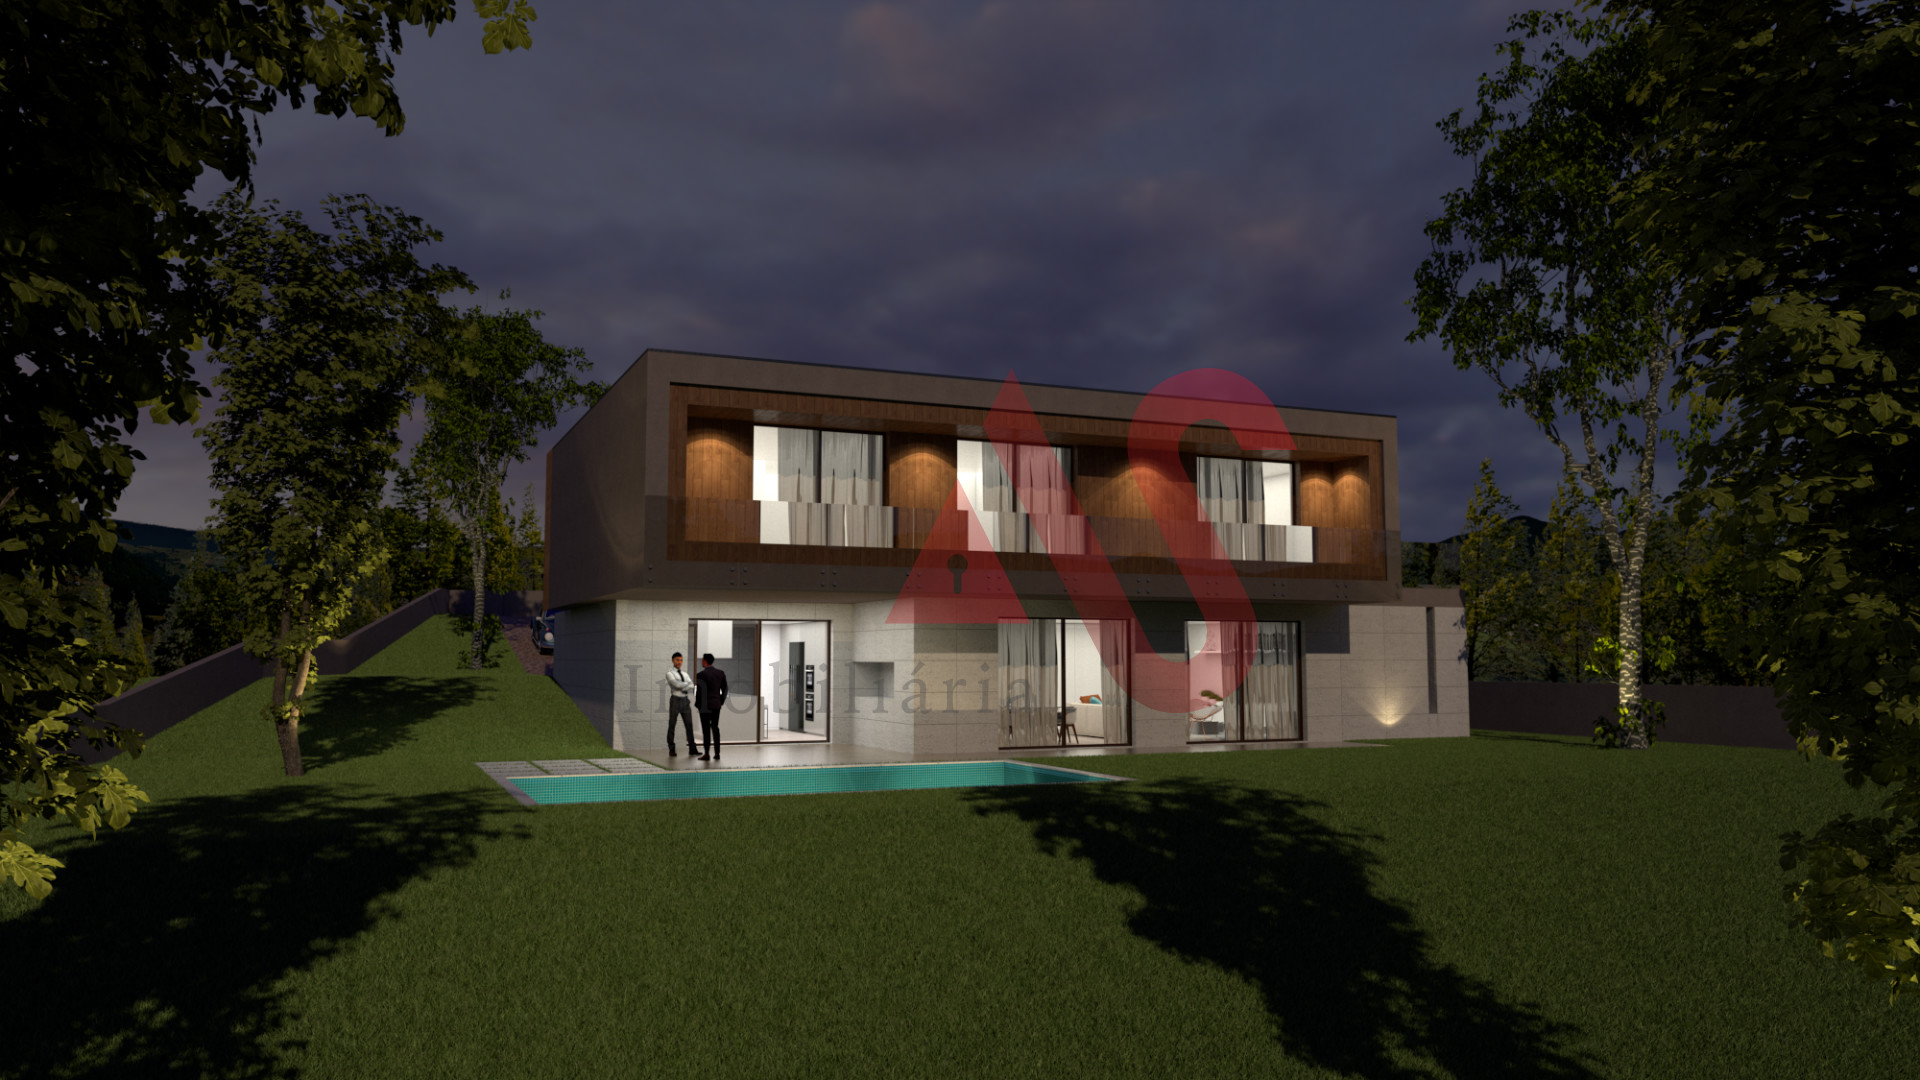 Lote de terreno para construção com 1.772 m2 em Santo Adrião, Vizela